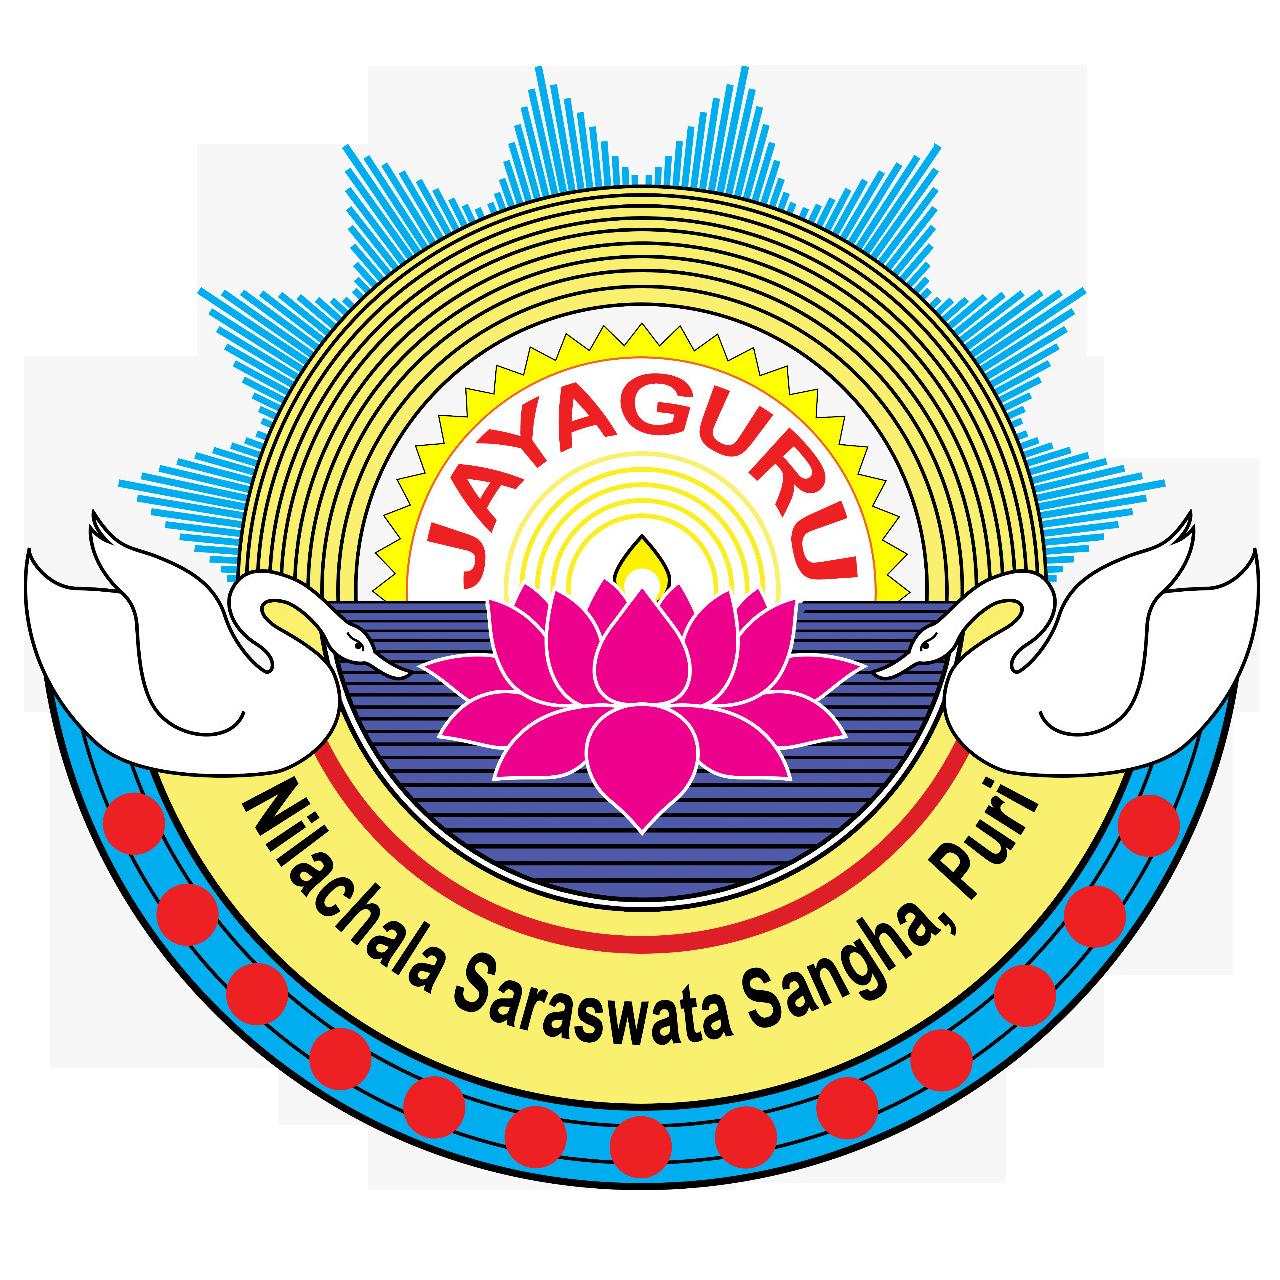 delhisaraswatsangh